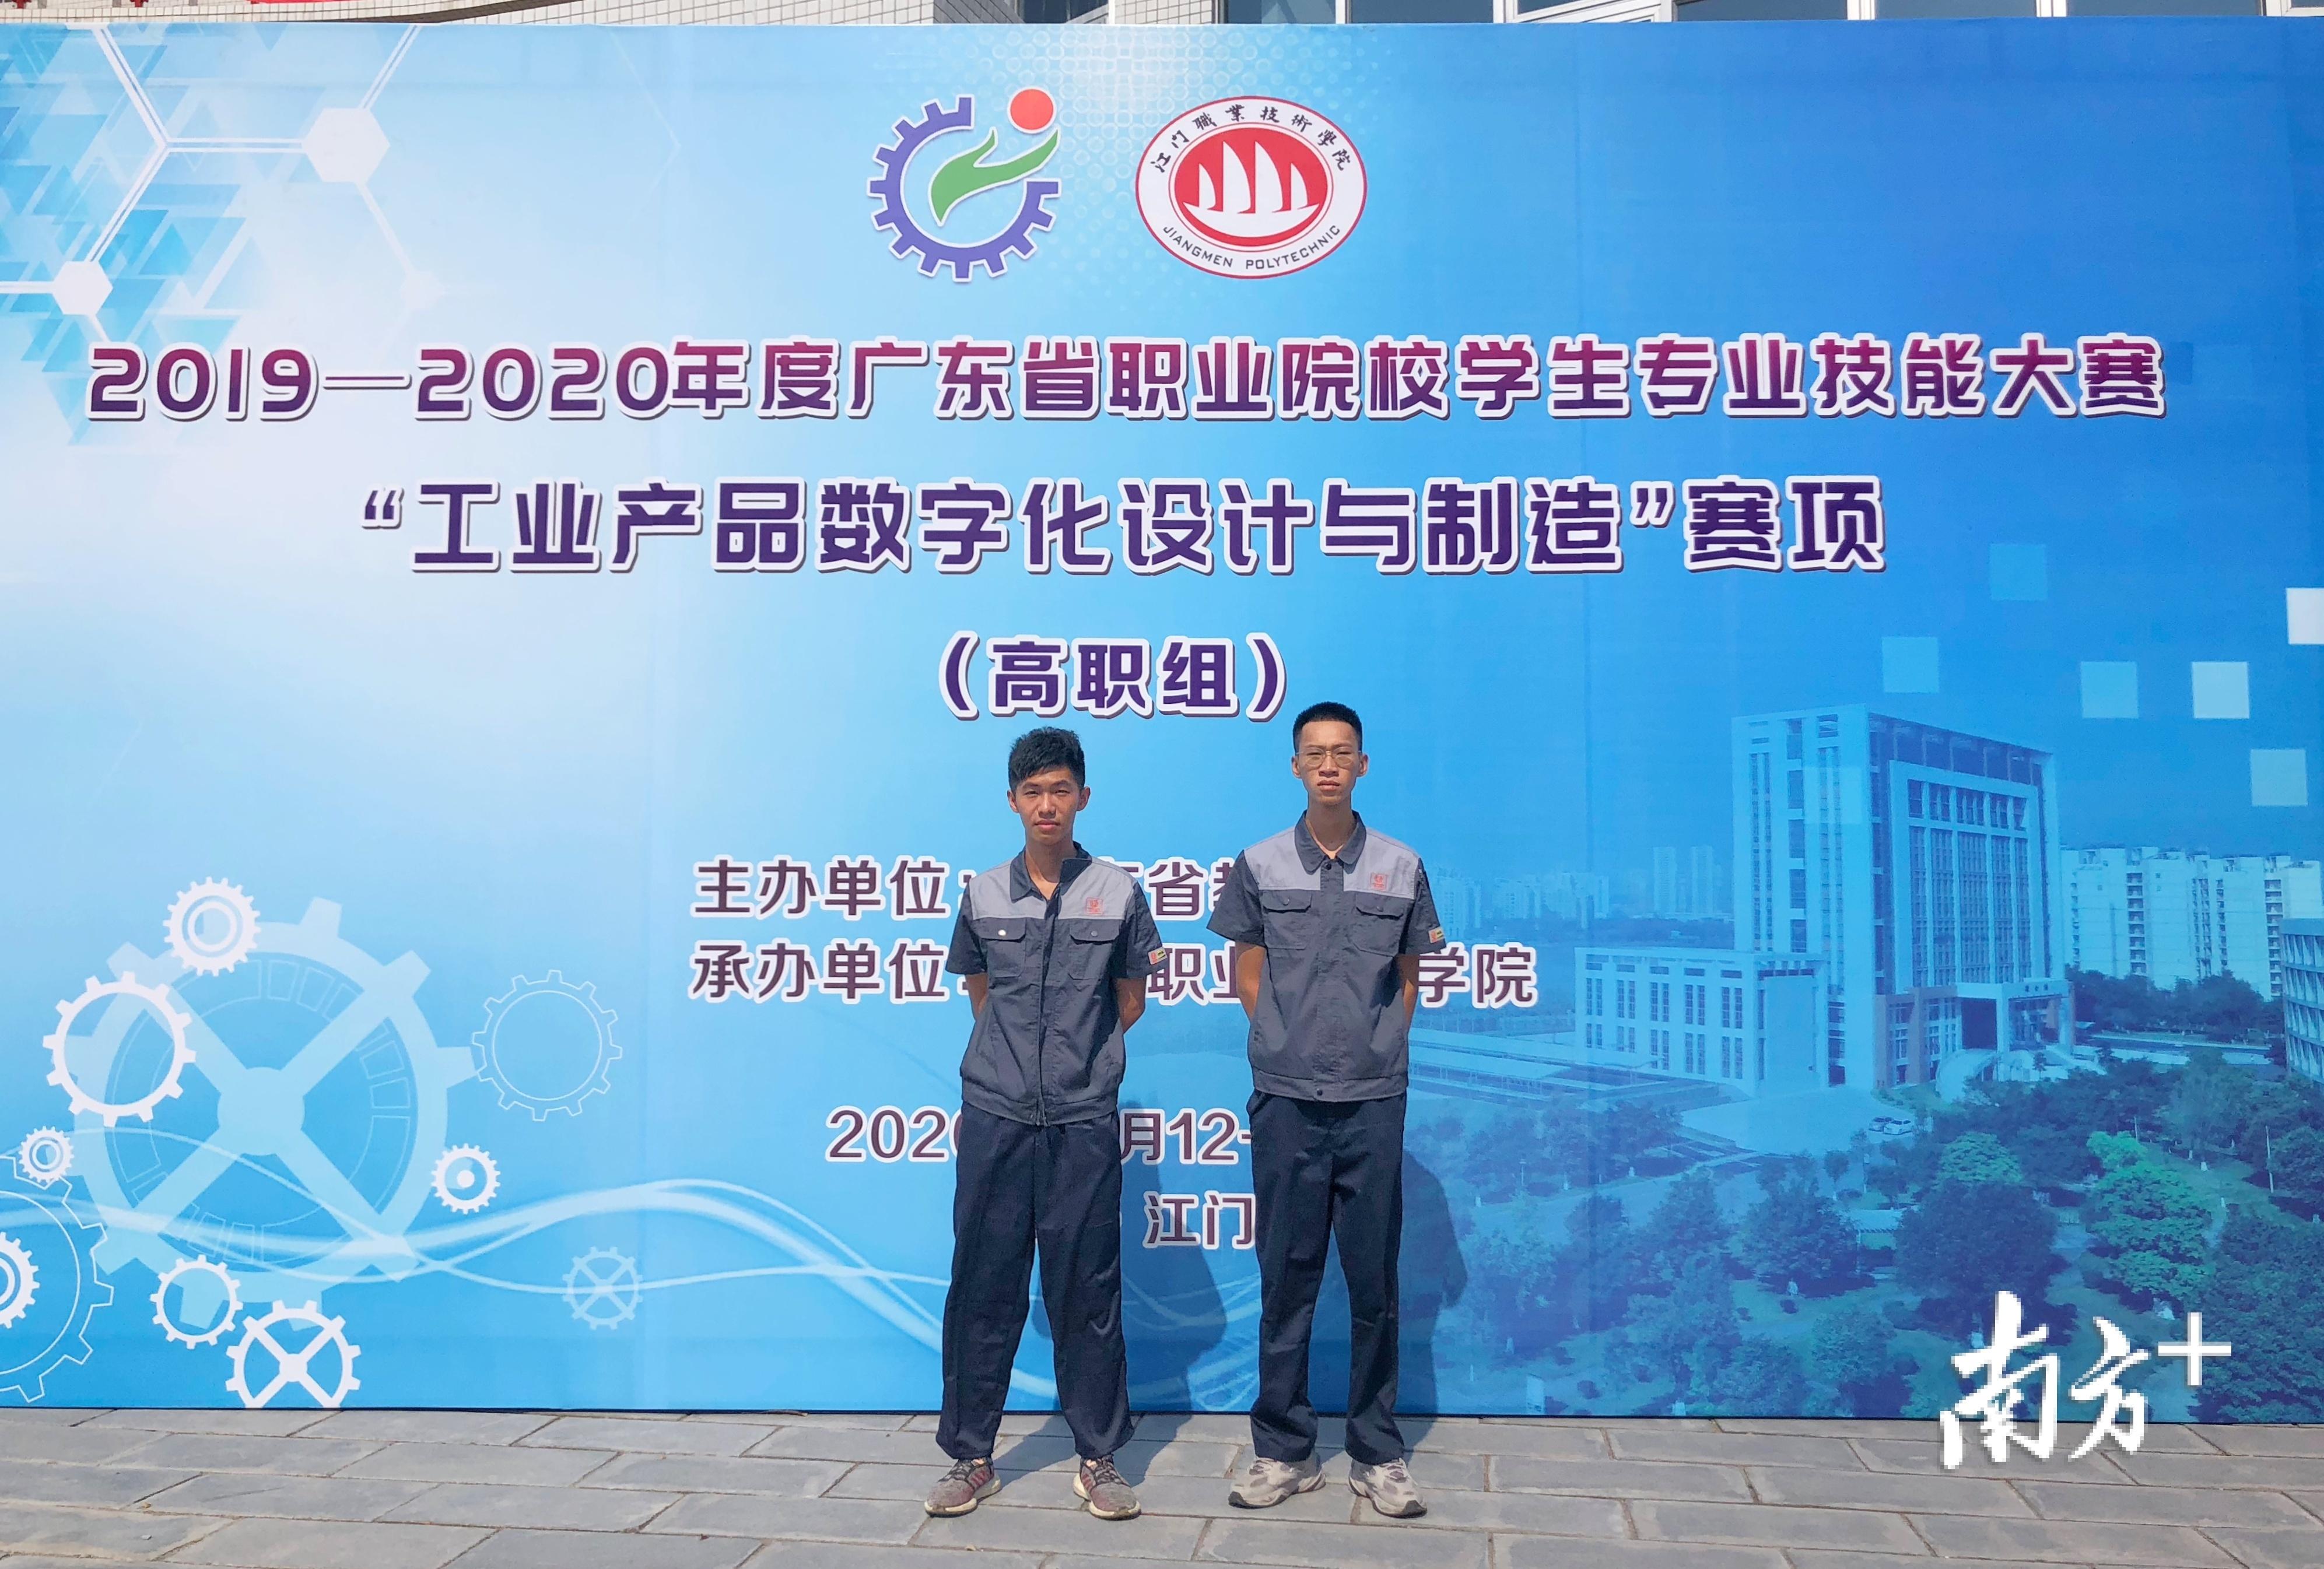 江门职业技术学院参赛学生代表袁浩晋、邓子行。